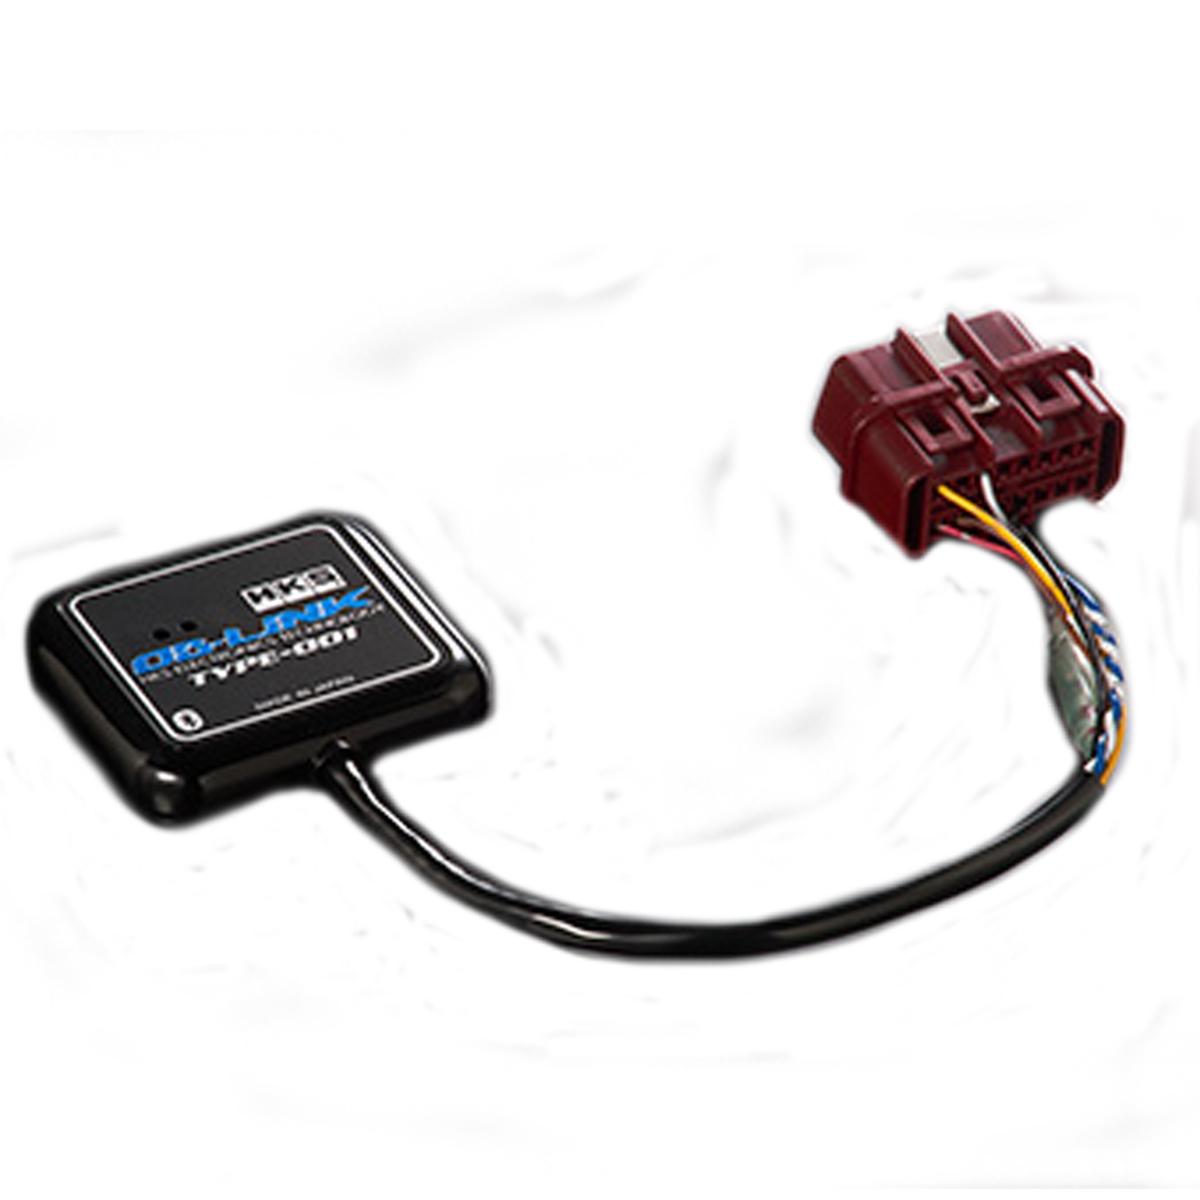 ウイングロード モニター OBリンク タイプ 001 WRY11 HKS 44009-AK002 エレクトリニクス 個人宅発送追金有